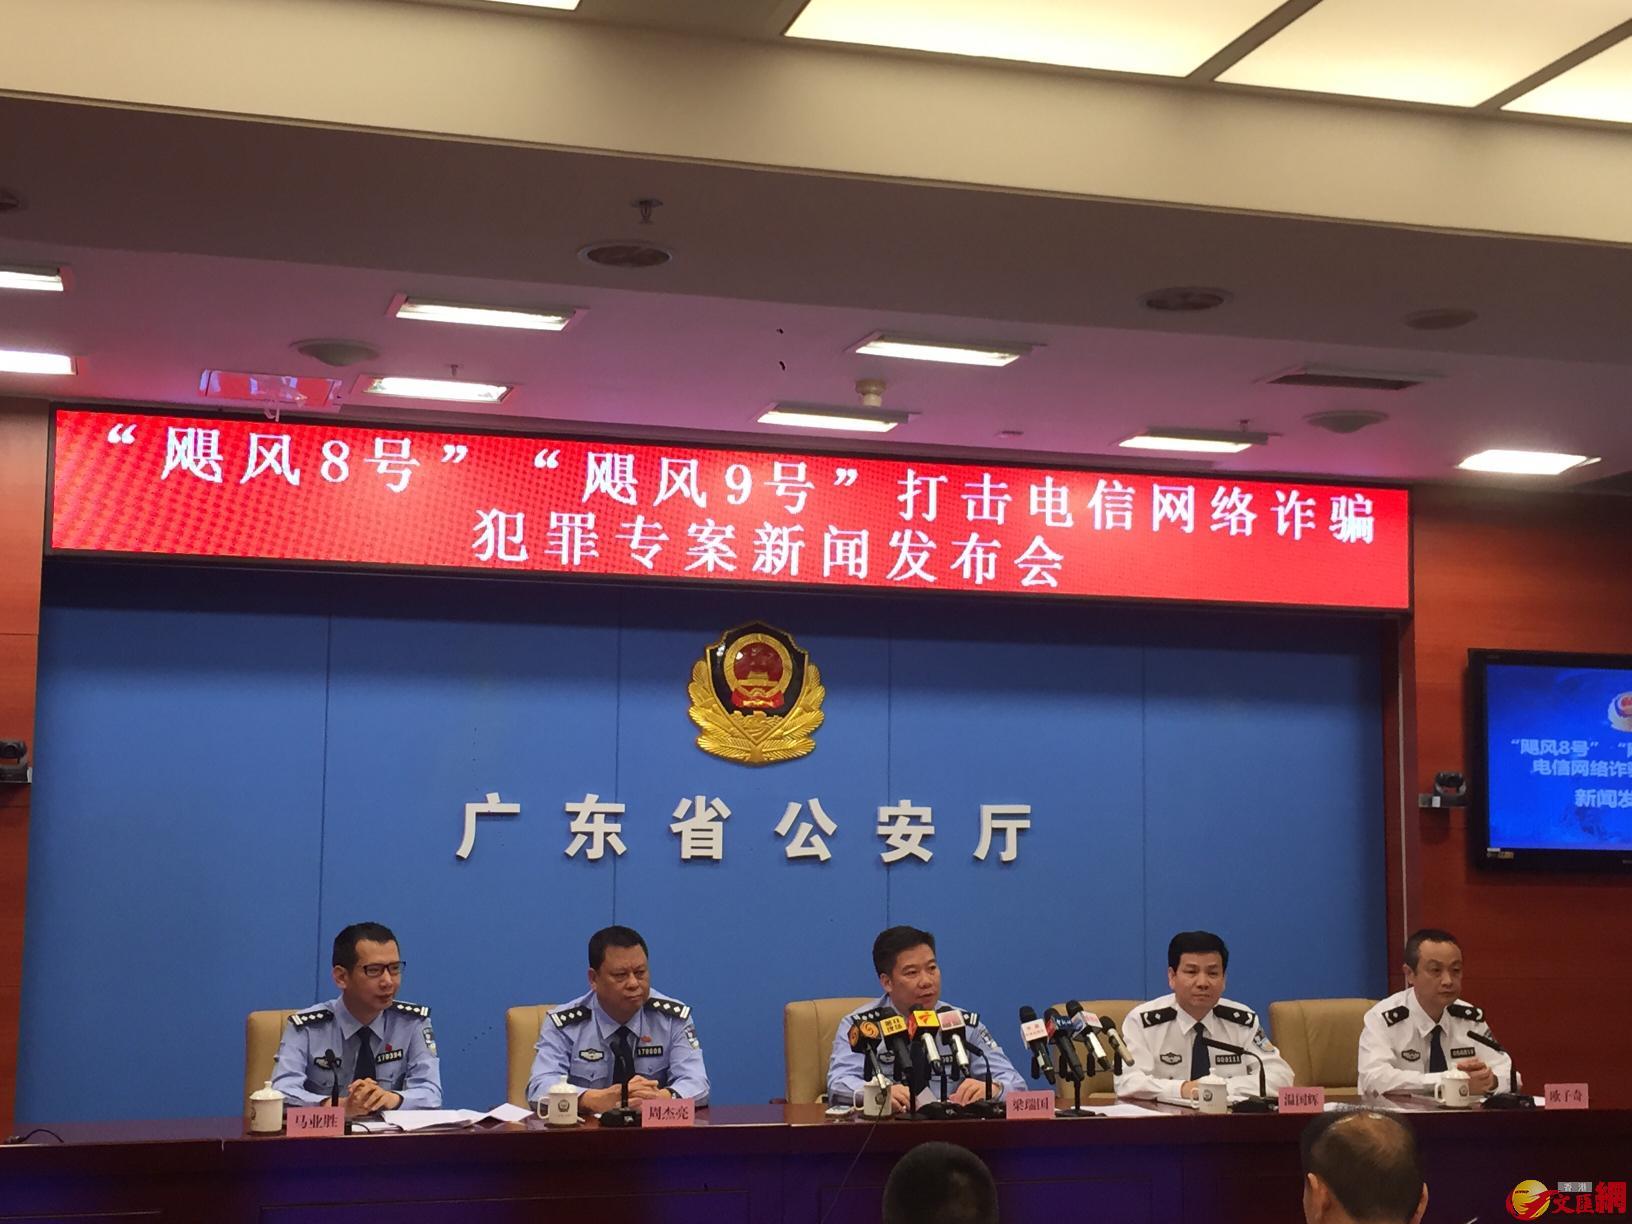 廣東警方今年開展打擊電信網絡詐騙的規模化「颶風」集群戰告捷,圖為廣東省公安廳召開發佈會。(方俊明攝)